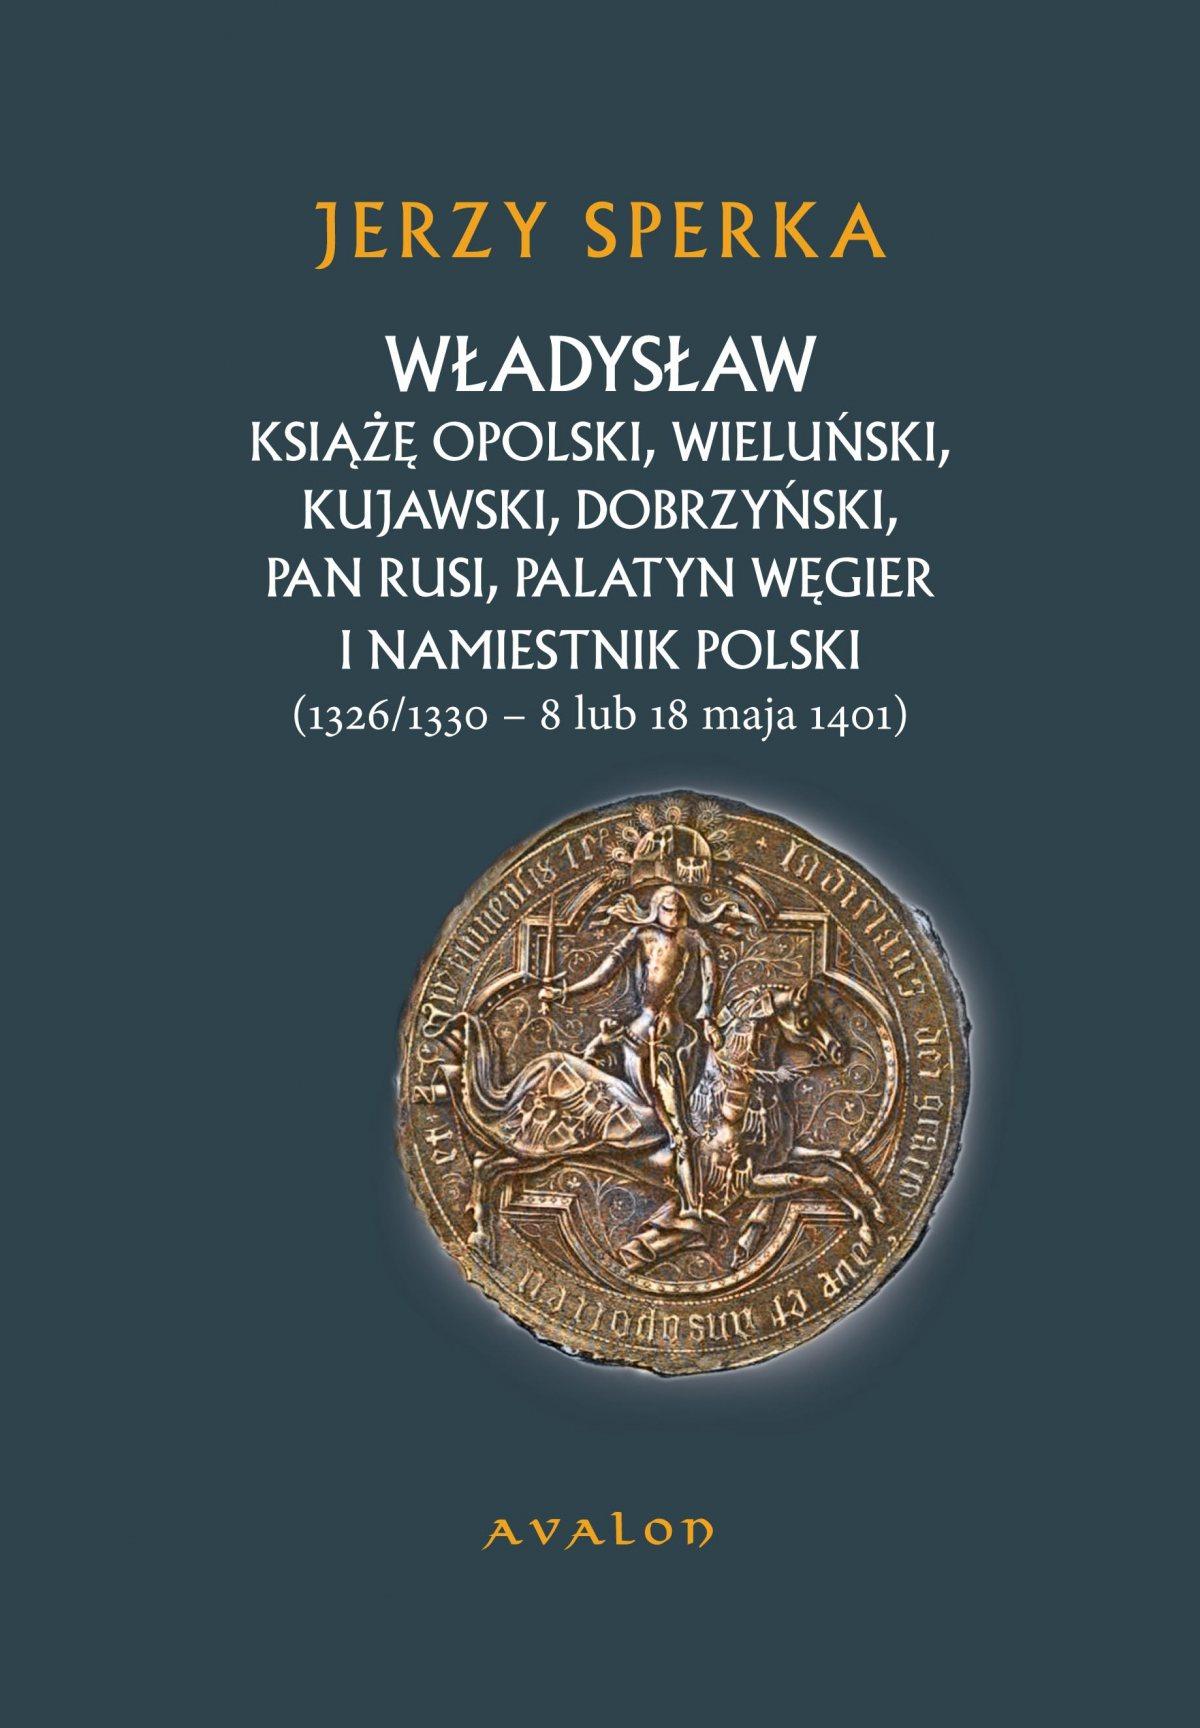 Władysław Książę Opolski, Wieluński, Kujawski, Dobrzyński, Pan Rusi, Palatyn Węgier i Namiestnik Polski (1326/1330 - 8 lu 18 maja 1401) - Ebook (Książka PDF) do pobrania w formacie PDF